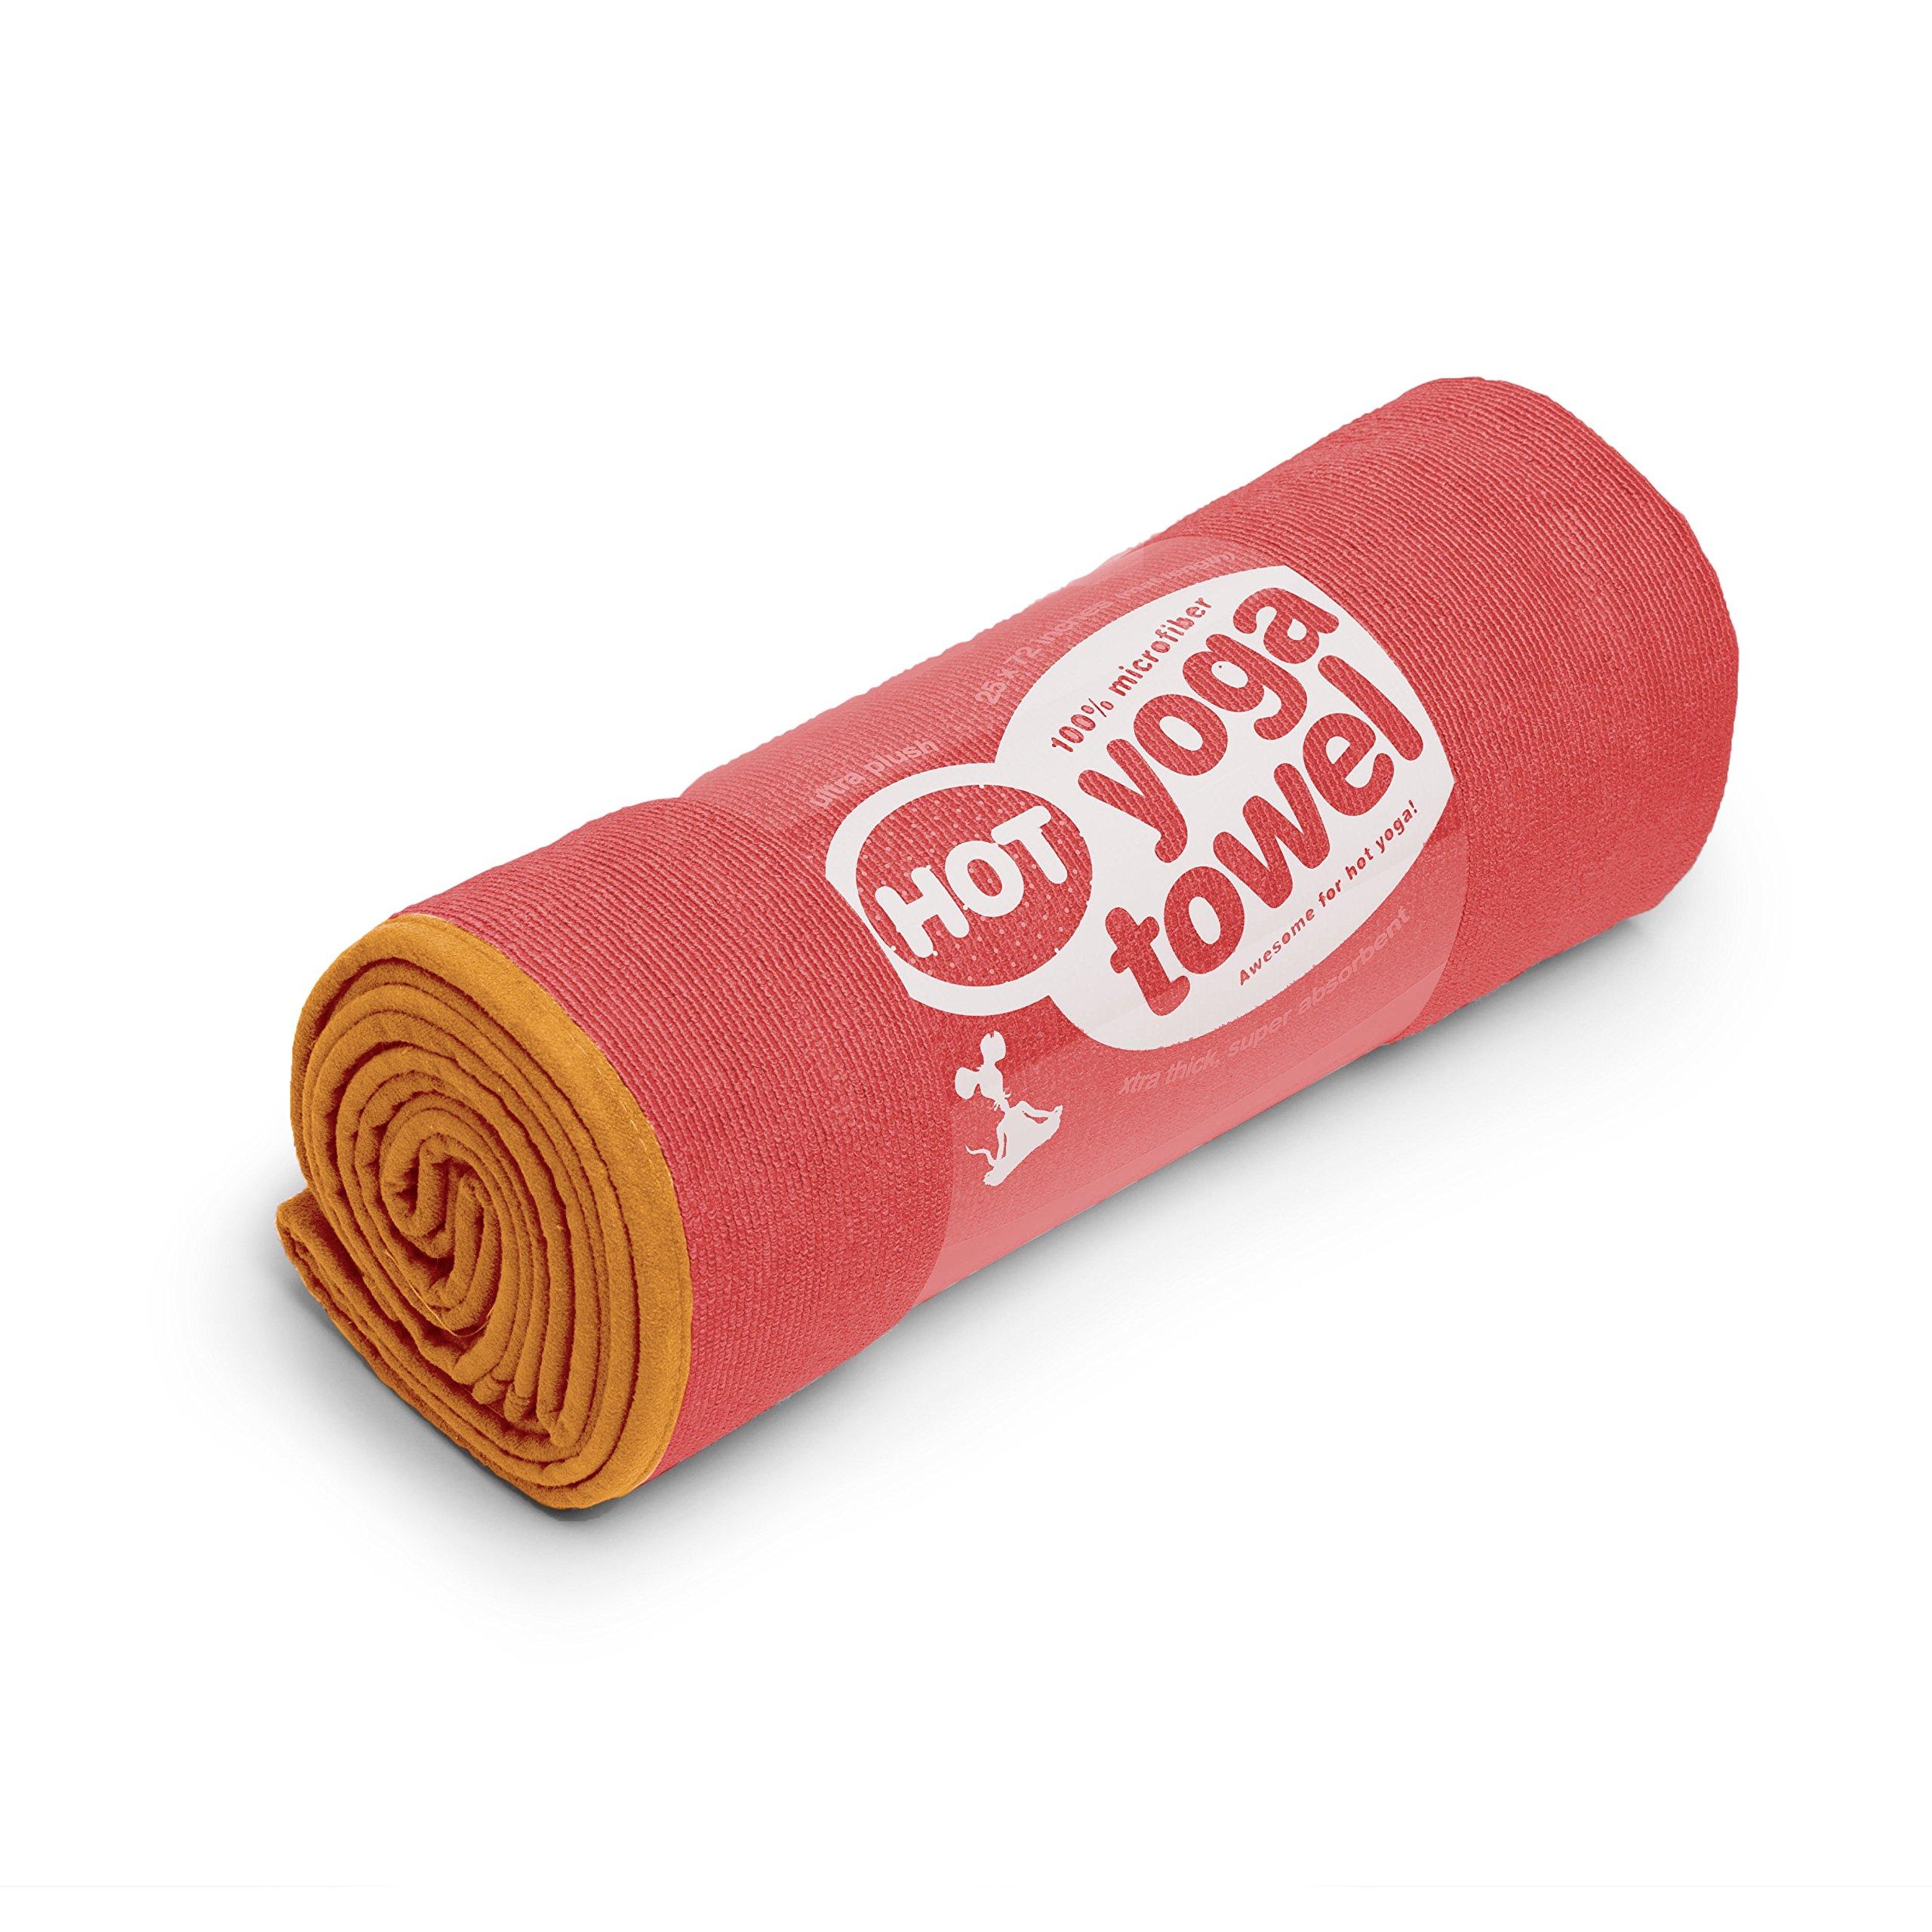 YogaRat Cush Yoga Hand Towel